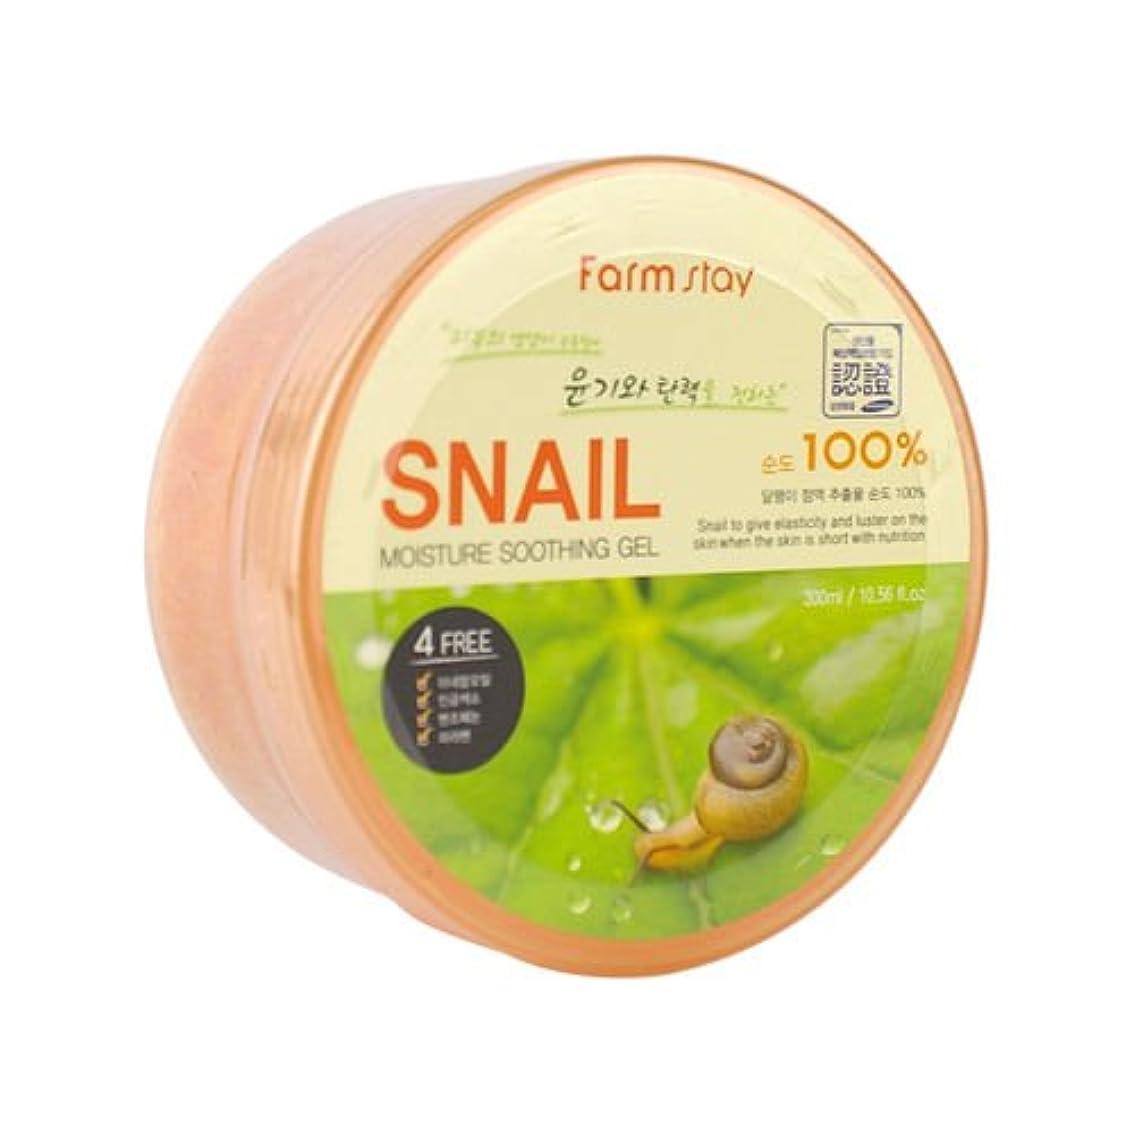 いちゃつく葉を集める放棄Farm Stay Snail Moisture Soothing Gel 300ml /Snail extract 100%/Skin Glowing & Elasticity Up [並行輸入品]